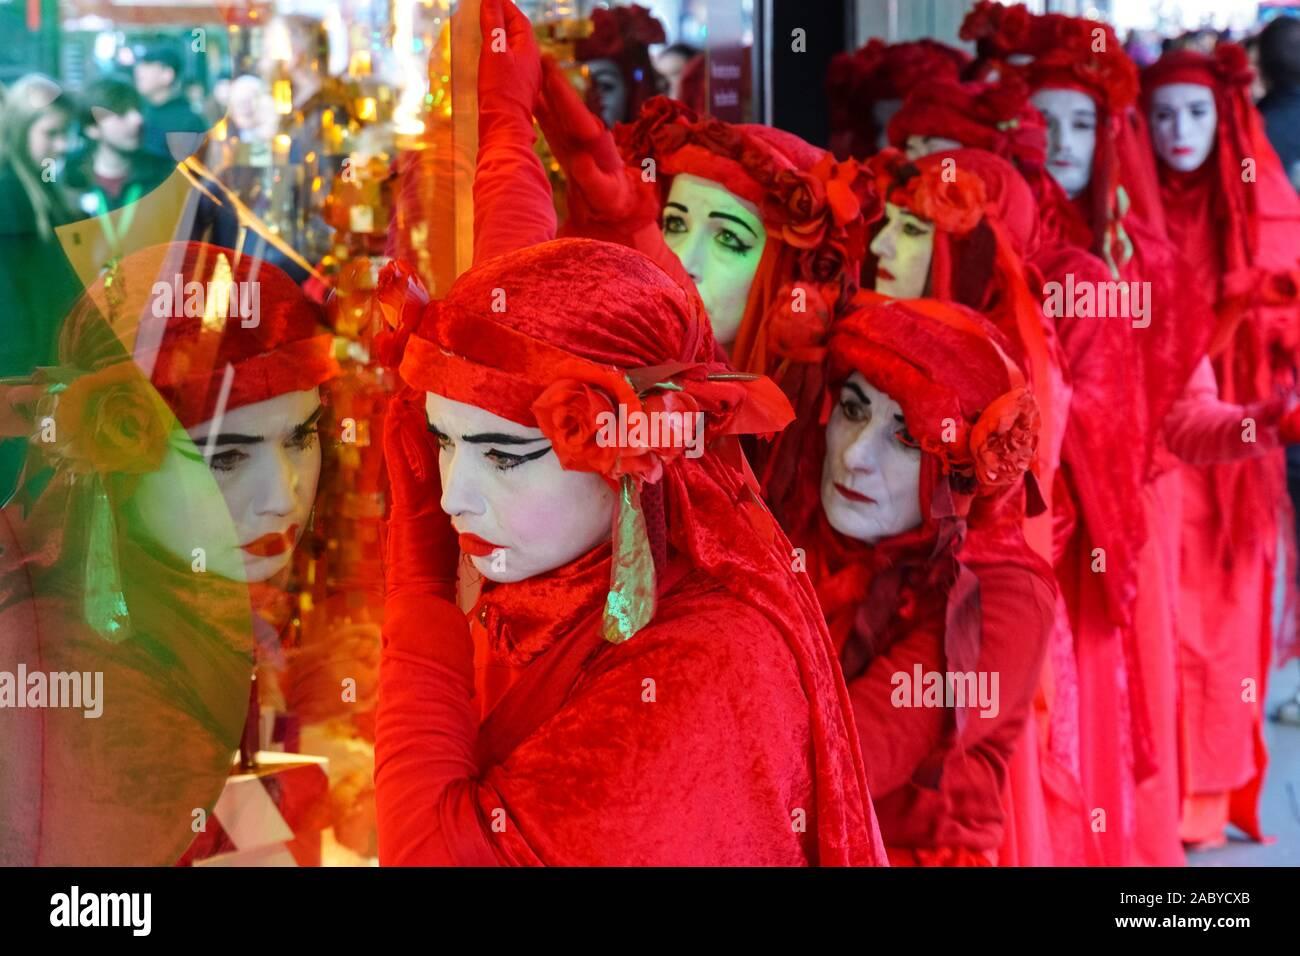 La Rebelión de extinción de la Brigada Roja protestando el Viernes Negro en Oxford Street en Londres, Inglaterra, Reino Unido, Reino Unido Foto de stock